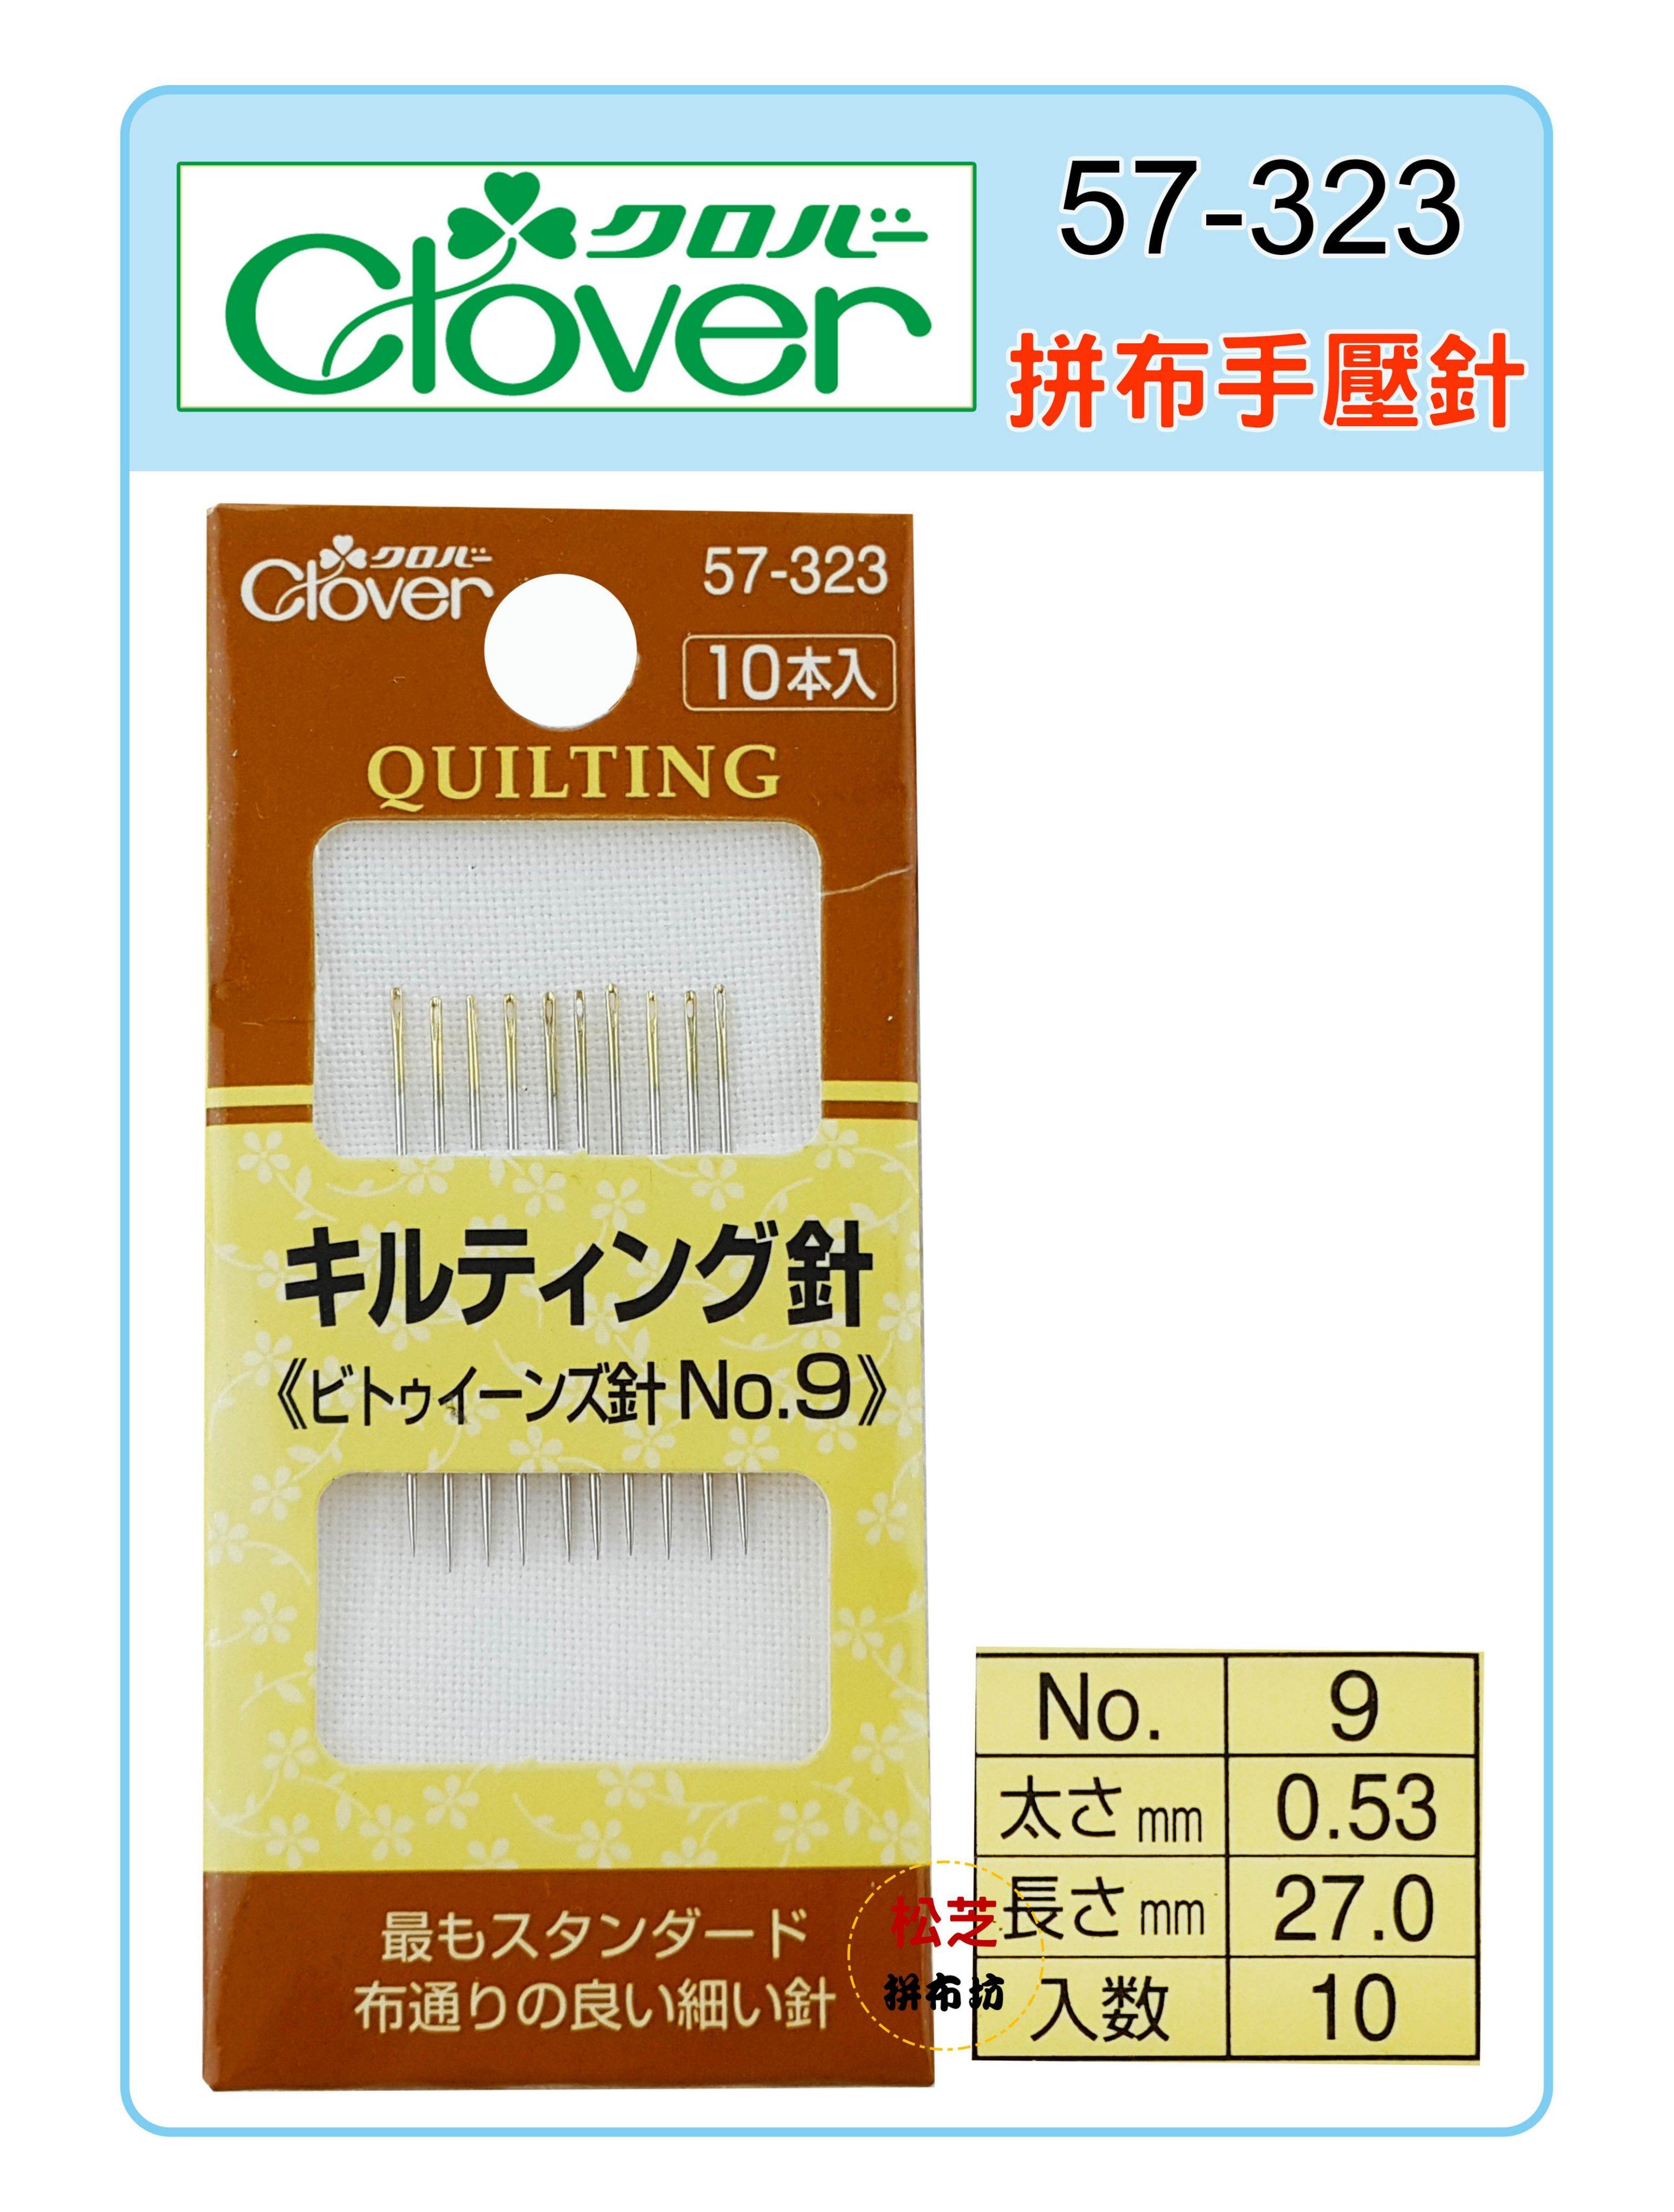 【松芝拼布坊】Clover 可樂牌 拼布手壓針 No.9 #57-323 (57323)